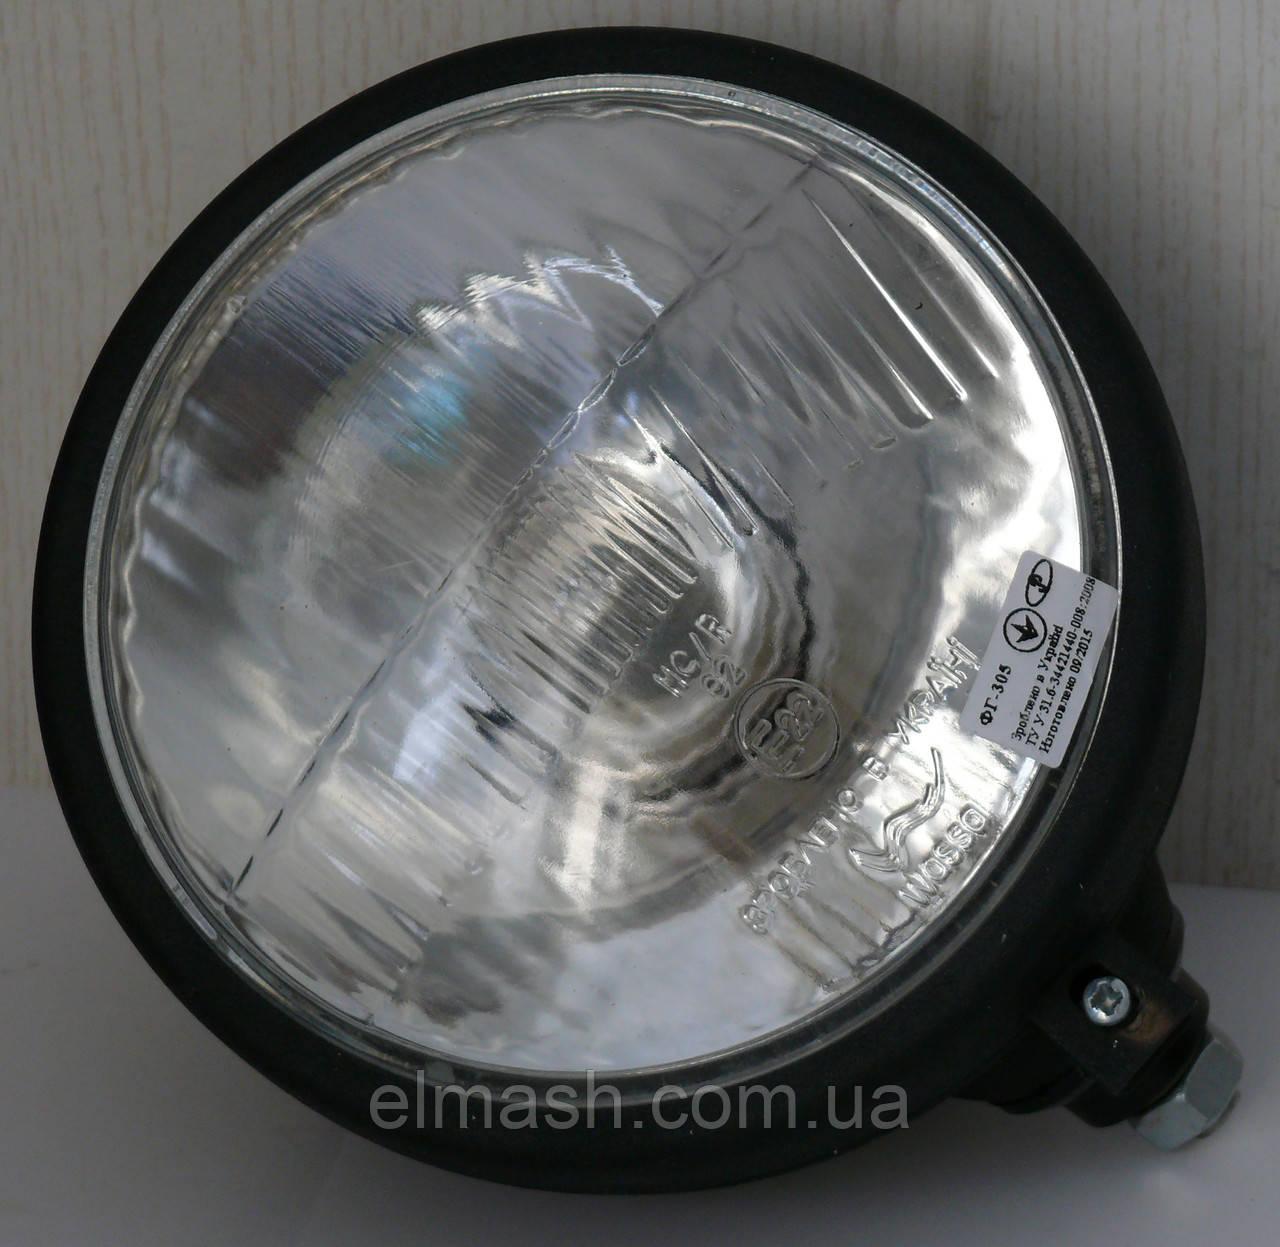 Фара МТЗ,ЮМЗ передняя с лампой в металлическом корпусе (пр-во Украина)